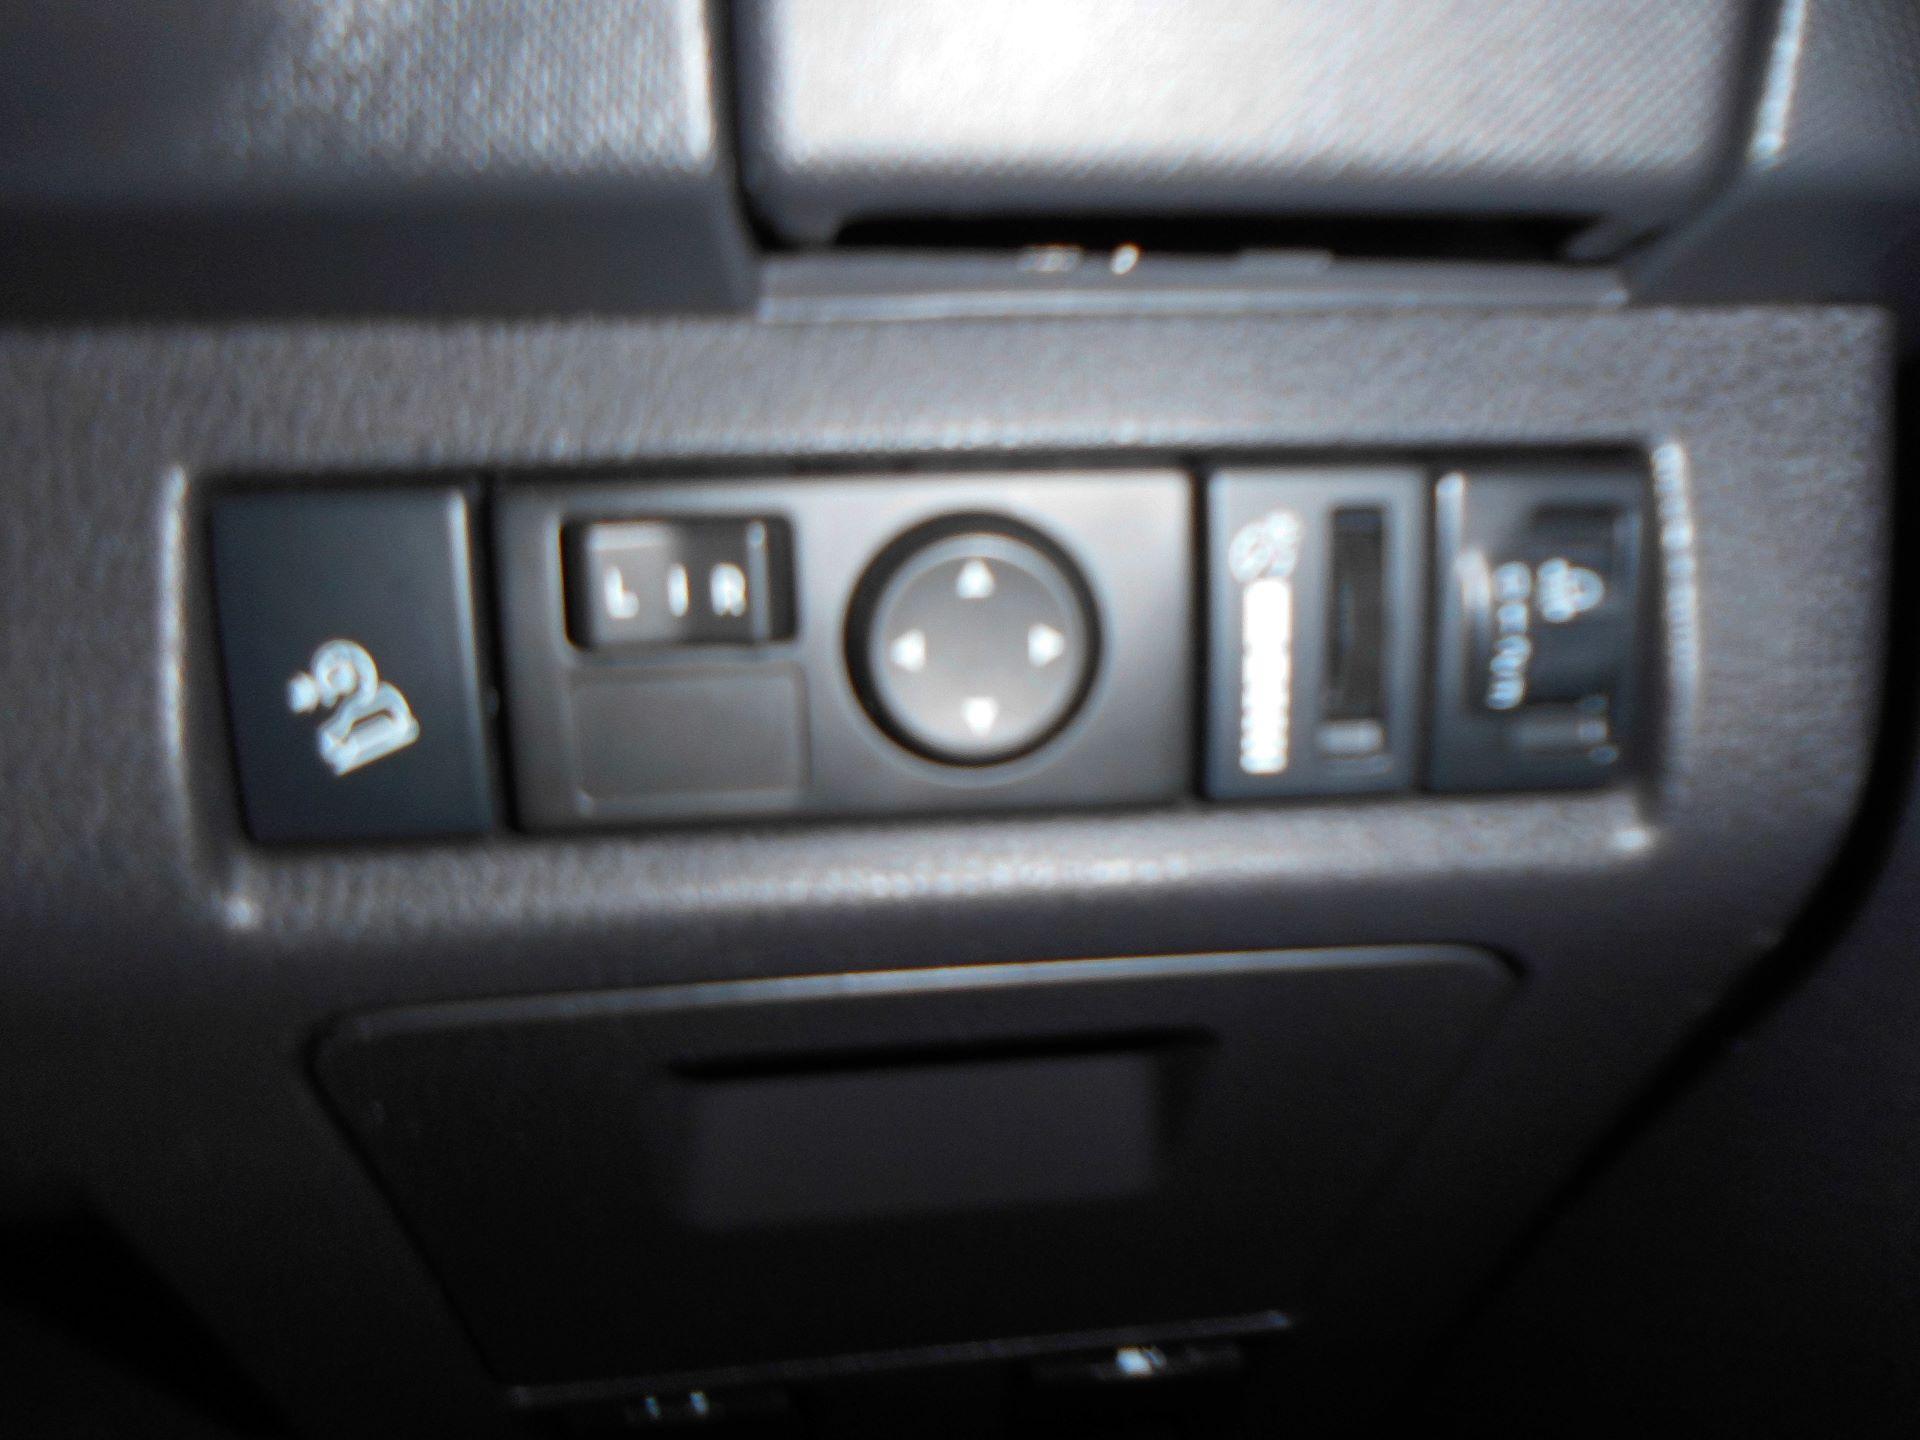 2018 Isuzu D-Max 1.9 Double Cab 4X4 Euro 6  (YA67HDZ) Image 18